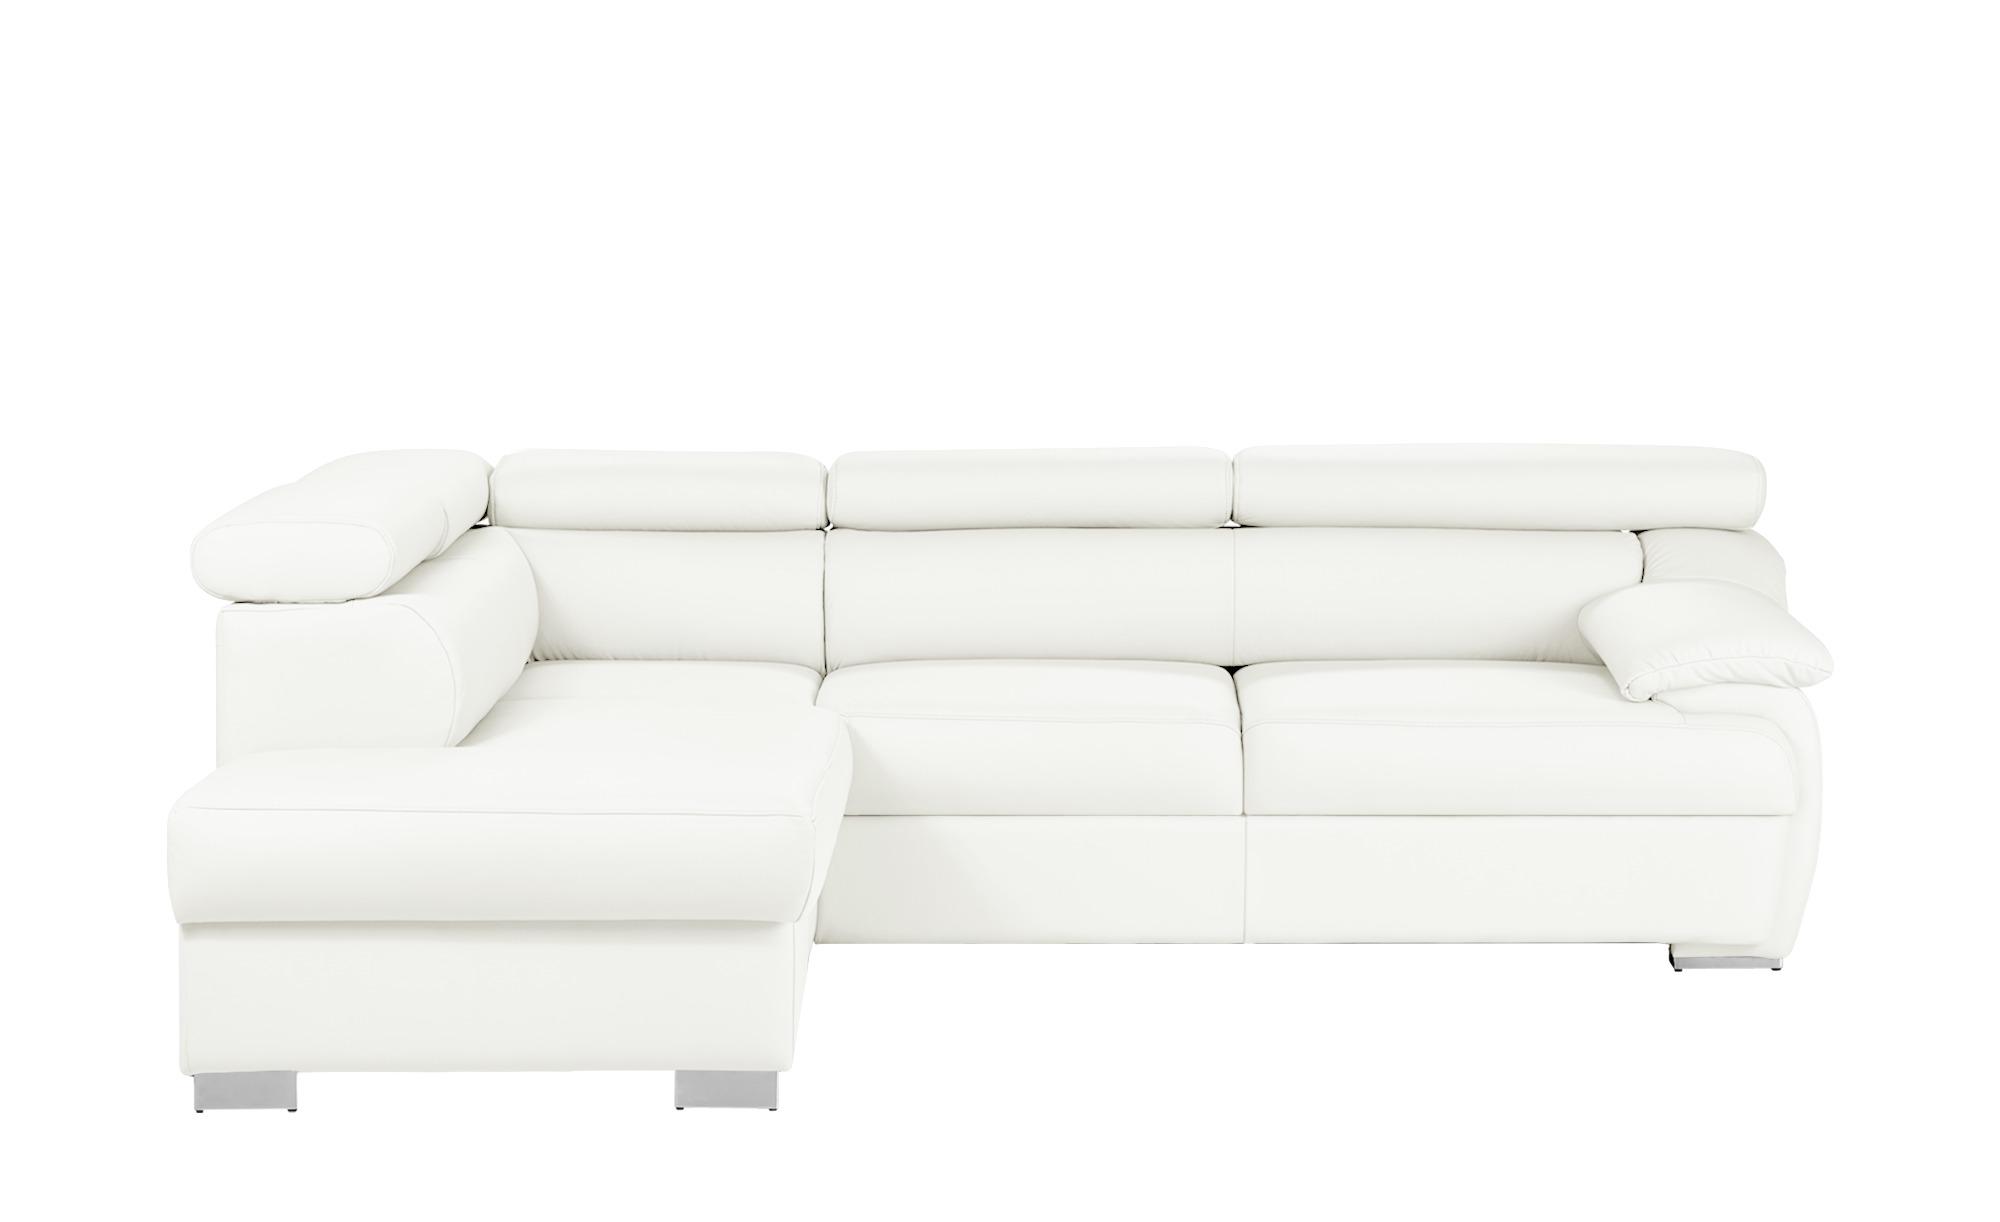 uno ecksofa bari breite h he wei online kaufen bei woonio. Black Bedroom Furniture Sets. Home Design Ideas